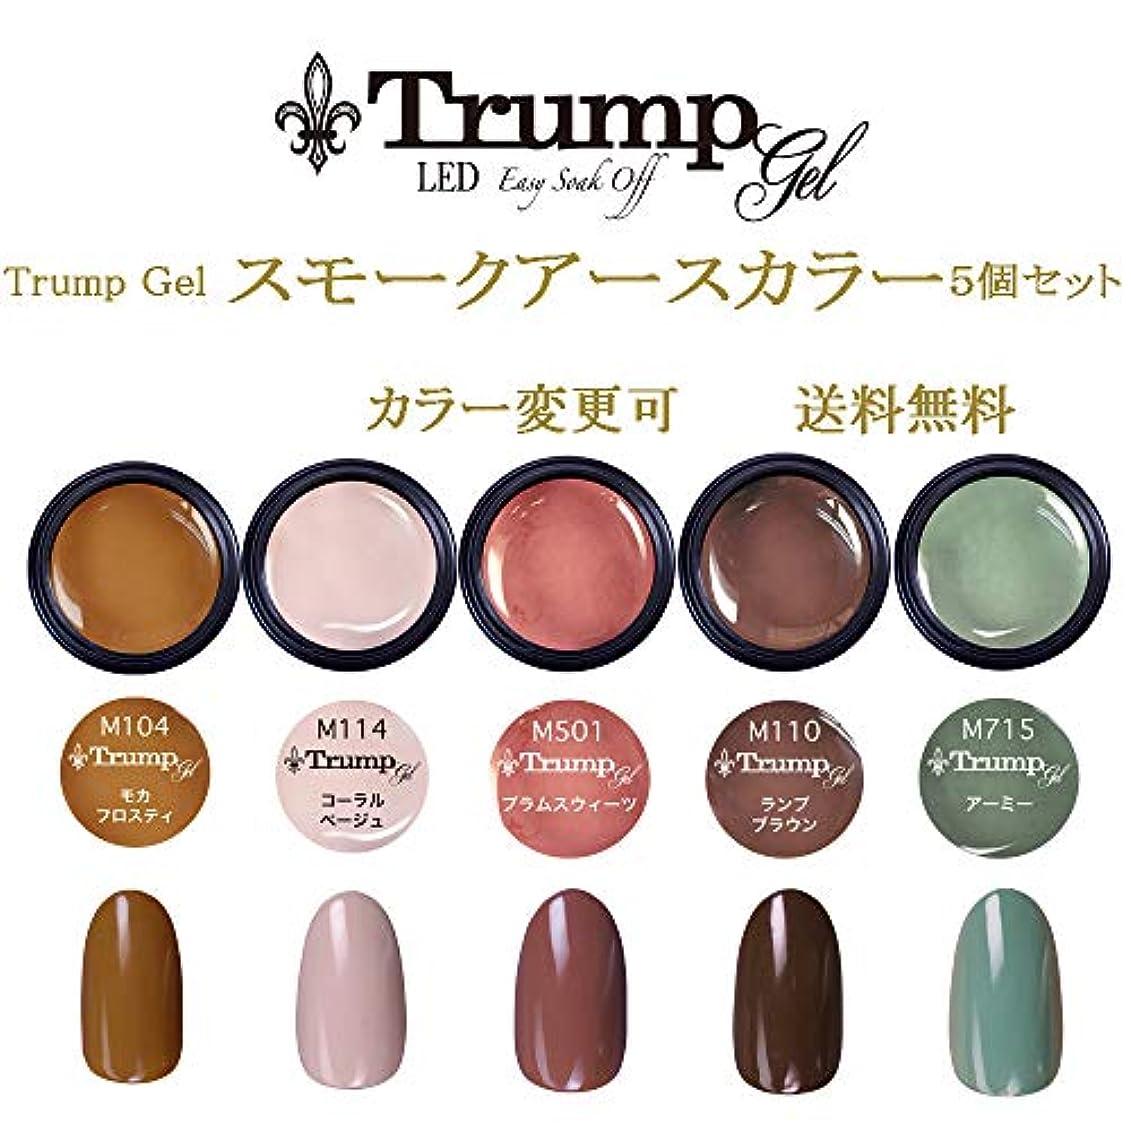 在庫グループ不正直【送料無料】日本製 Trump gel トランプジェル スモークアース 選べる カラージェル 5個セット スモーキー アースカラー ベージュ ブラウン マスタード カーキ カラー